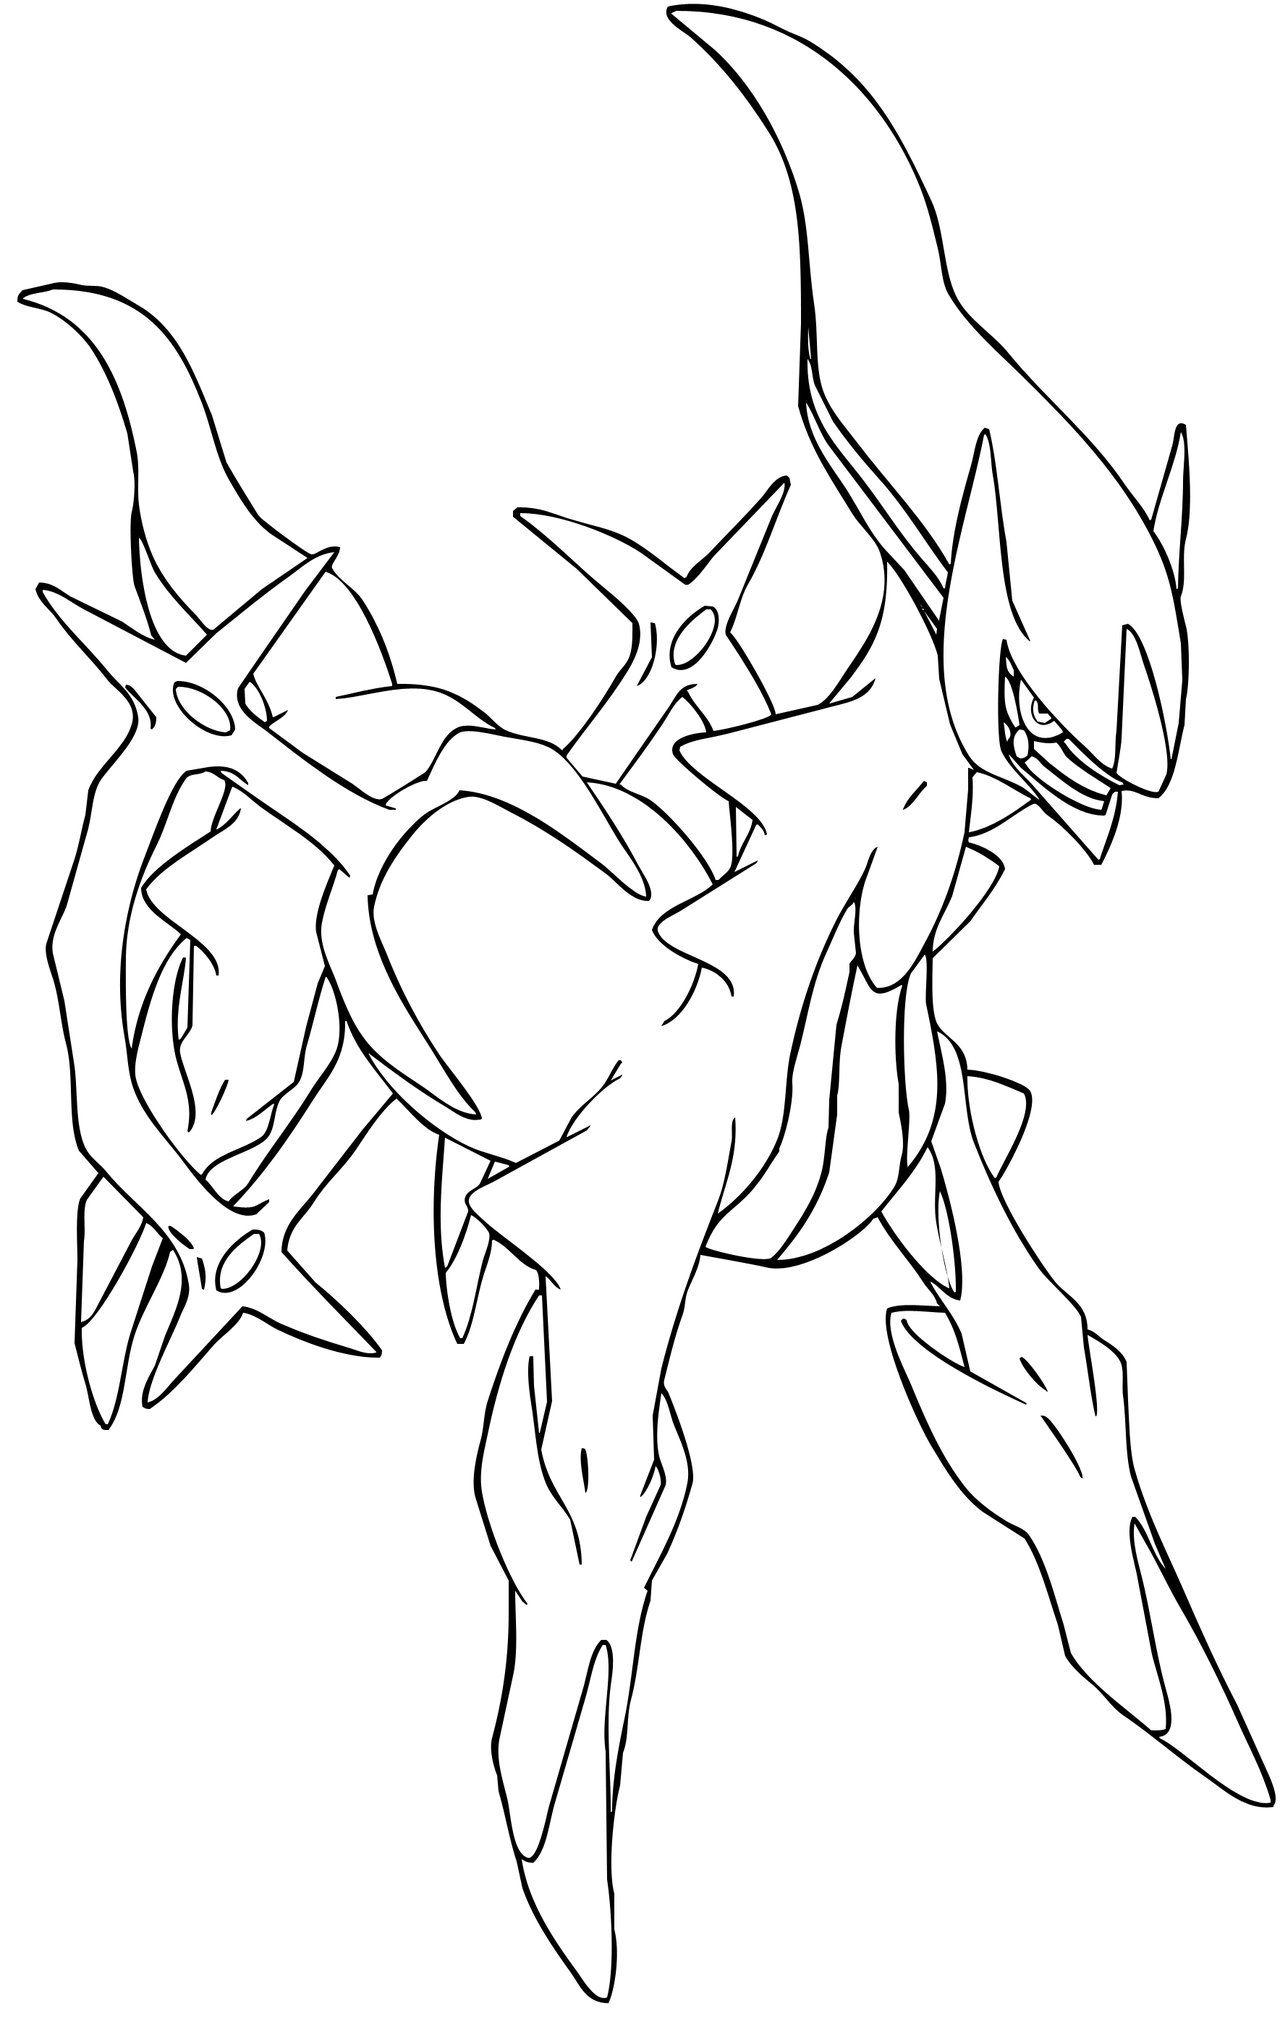 Arceus Lineart 2 By Elsdrake On Deviantart Pokemon Coloring Pokemon Coloring Pages Pokemon Drawings